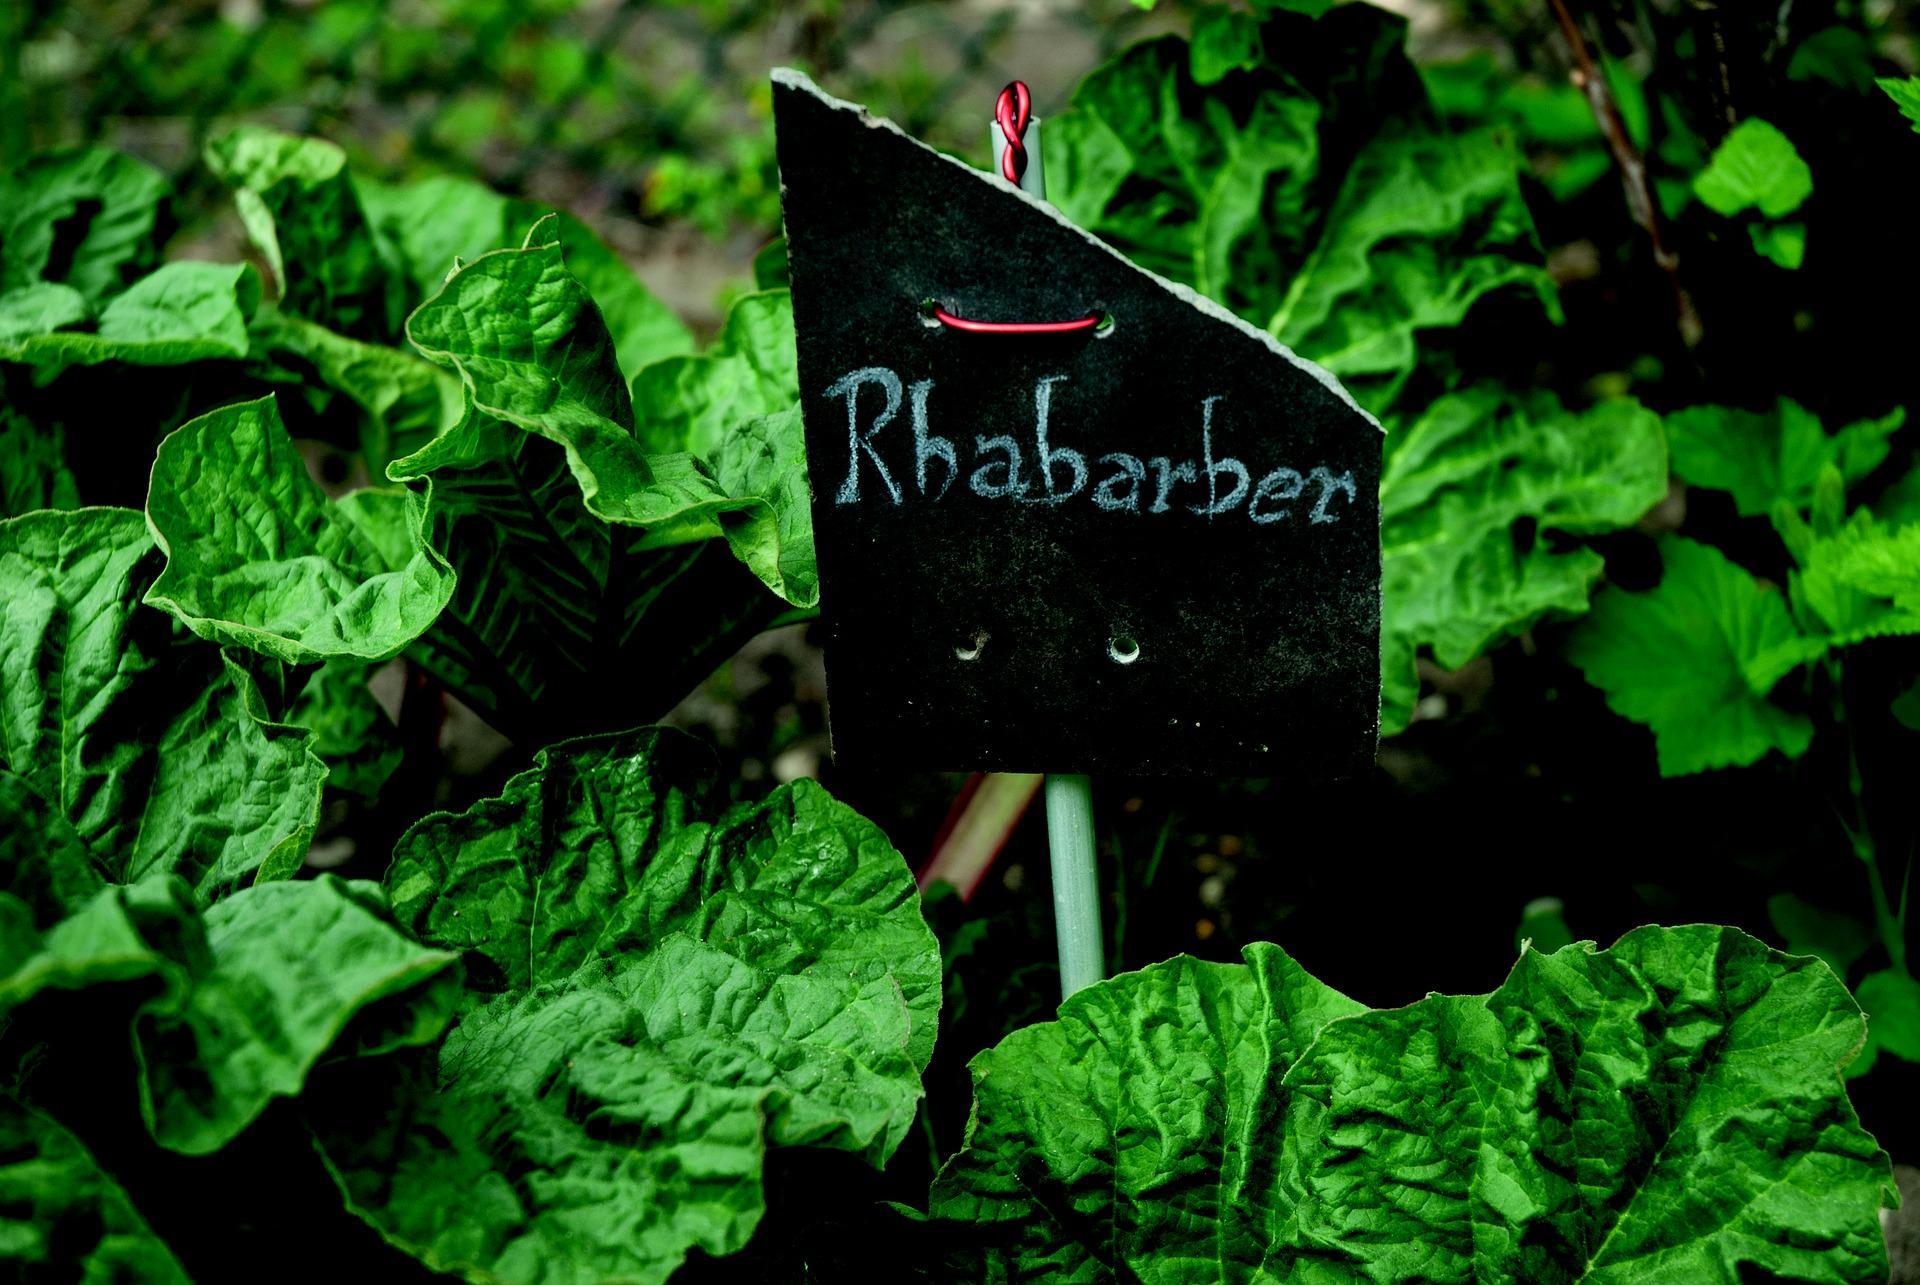 Rhabarber-Blätter eignen sich als ein guter Pflanzendünger.